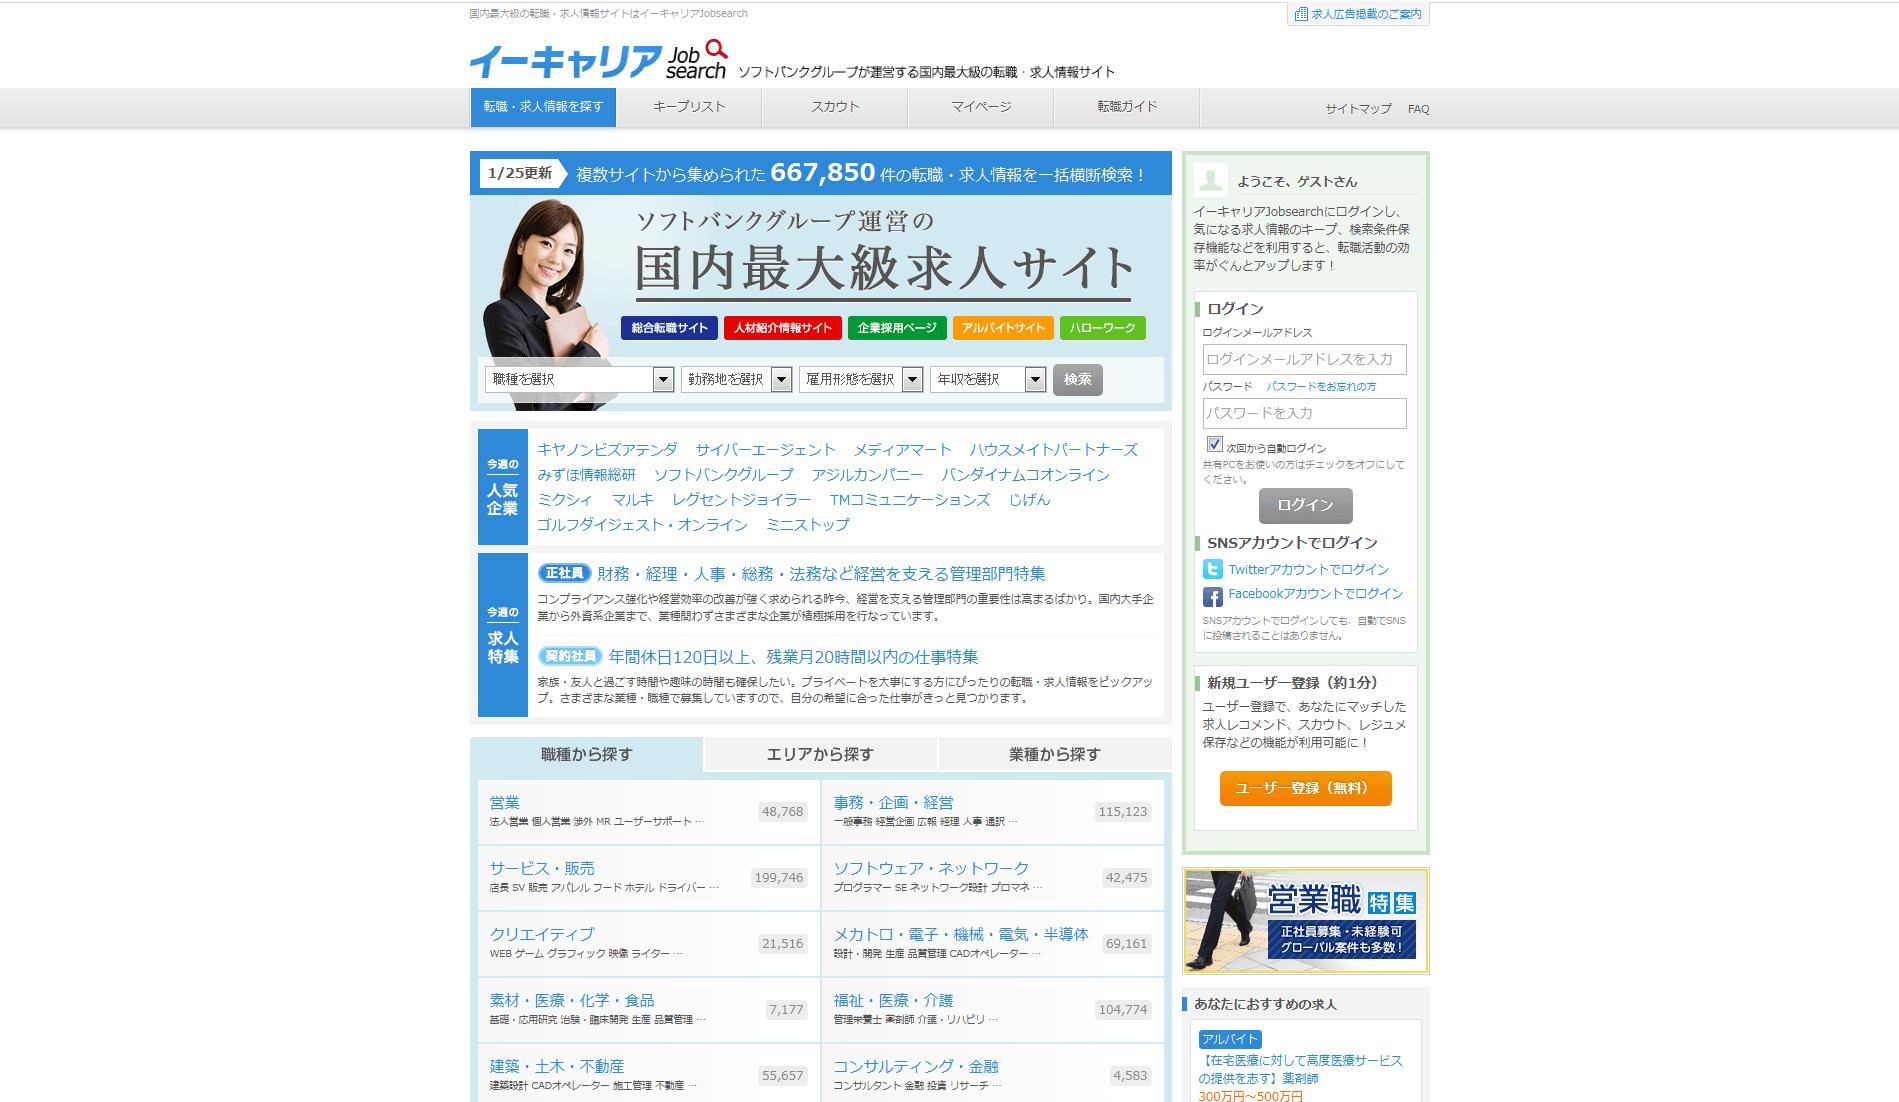 転職なら求人・転職情報サイト【イーキャリアJobsearch】